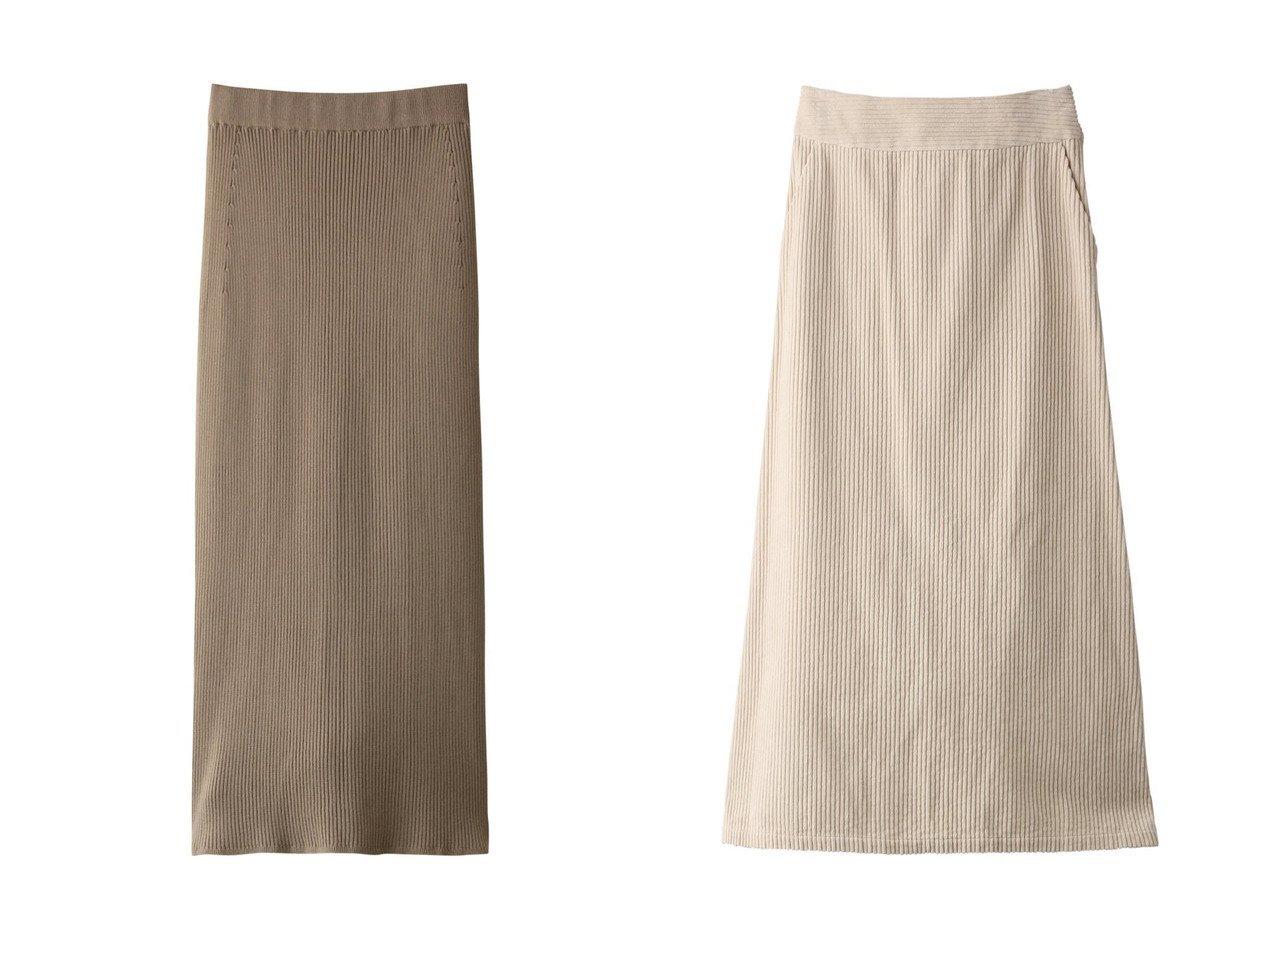 【GALLARDAGALANTE/ガリャルダガランテ】のワイドコールAラインスカート&【Whim Gazette/ウィムガゼット】のキュプラウールリブタイトスカート スカートのおすすめ!人気、レディースファッションの通販 おすすめで人気のファッション通販商品 インテリア・家具・キッズファッション・メンズファッション・レディースファッション・服の通販 founy(ファニー) https://founy.com/ ファッション Fashion レディース WOMEN スカート Skirt ロングスカート Long Skirt Aライン/フレアスカート Flared A-Line Skirts フェミニン ロング コーデュロイ スリット ワイド |ID:crp329100000001180